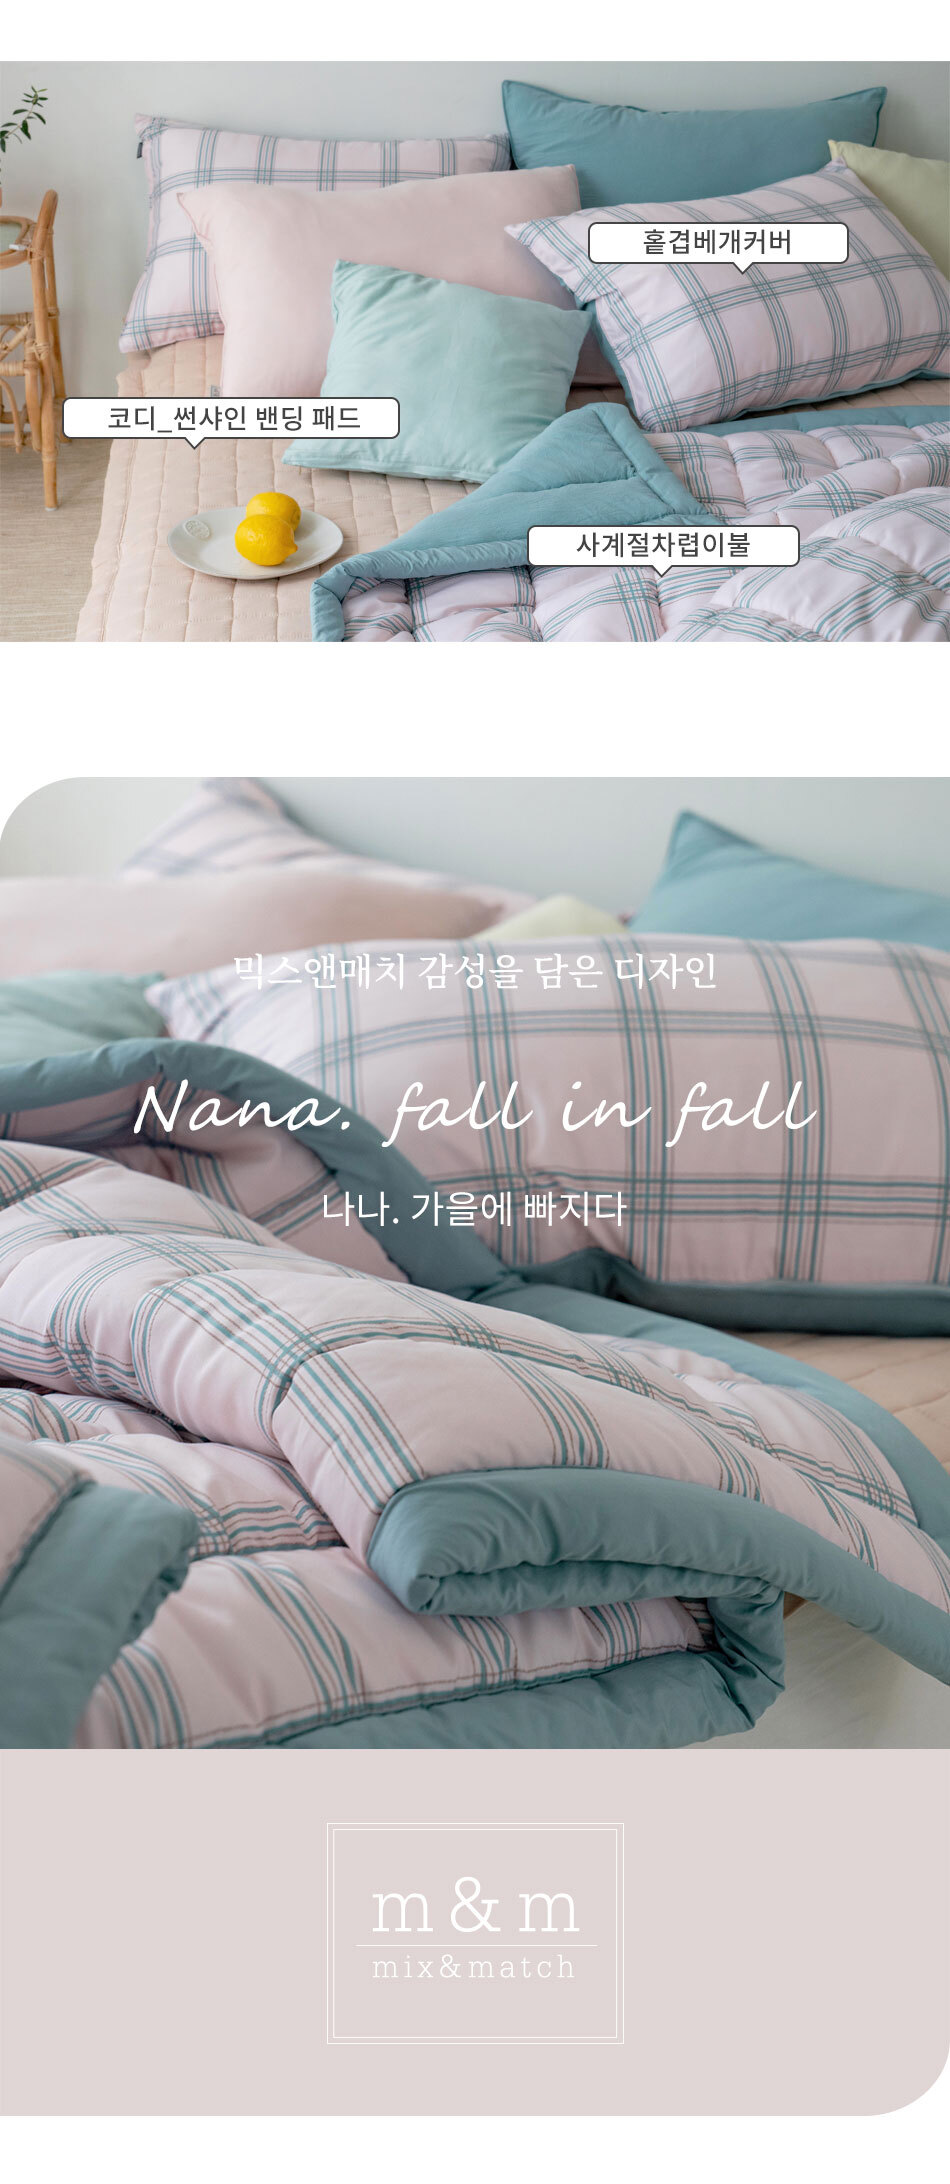 nana_bed_bottom.jpg